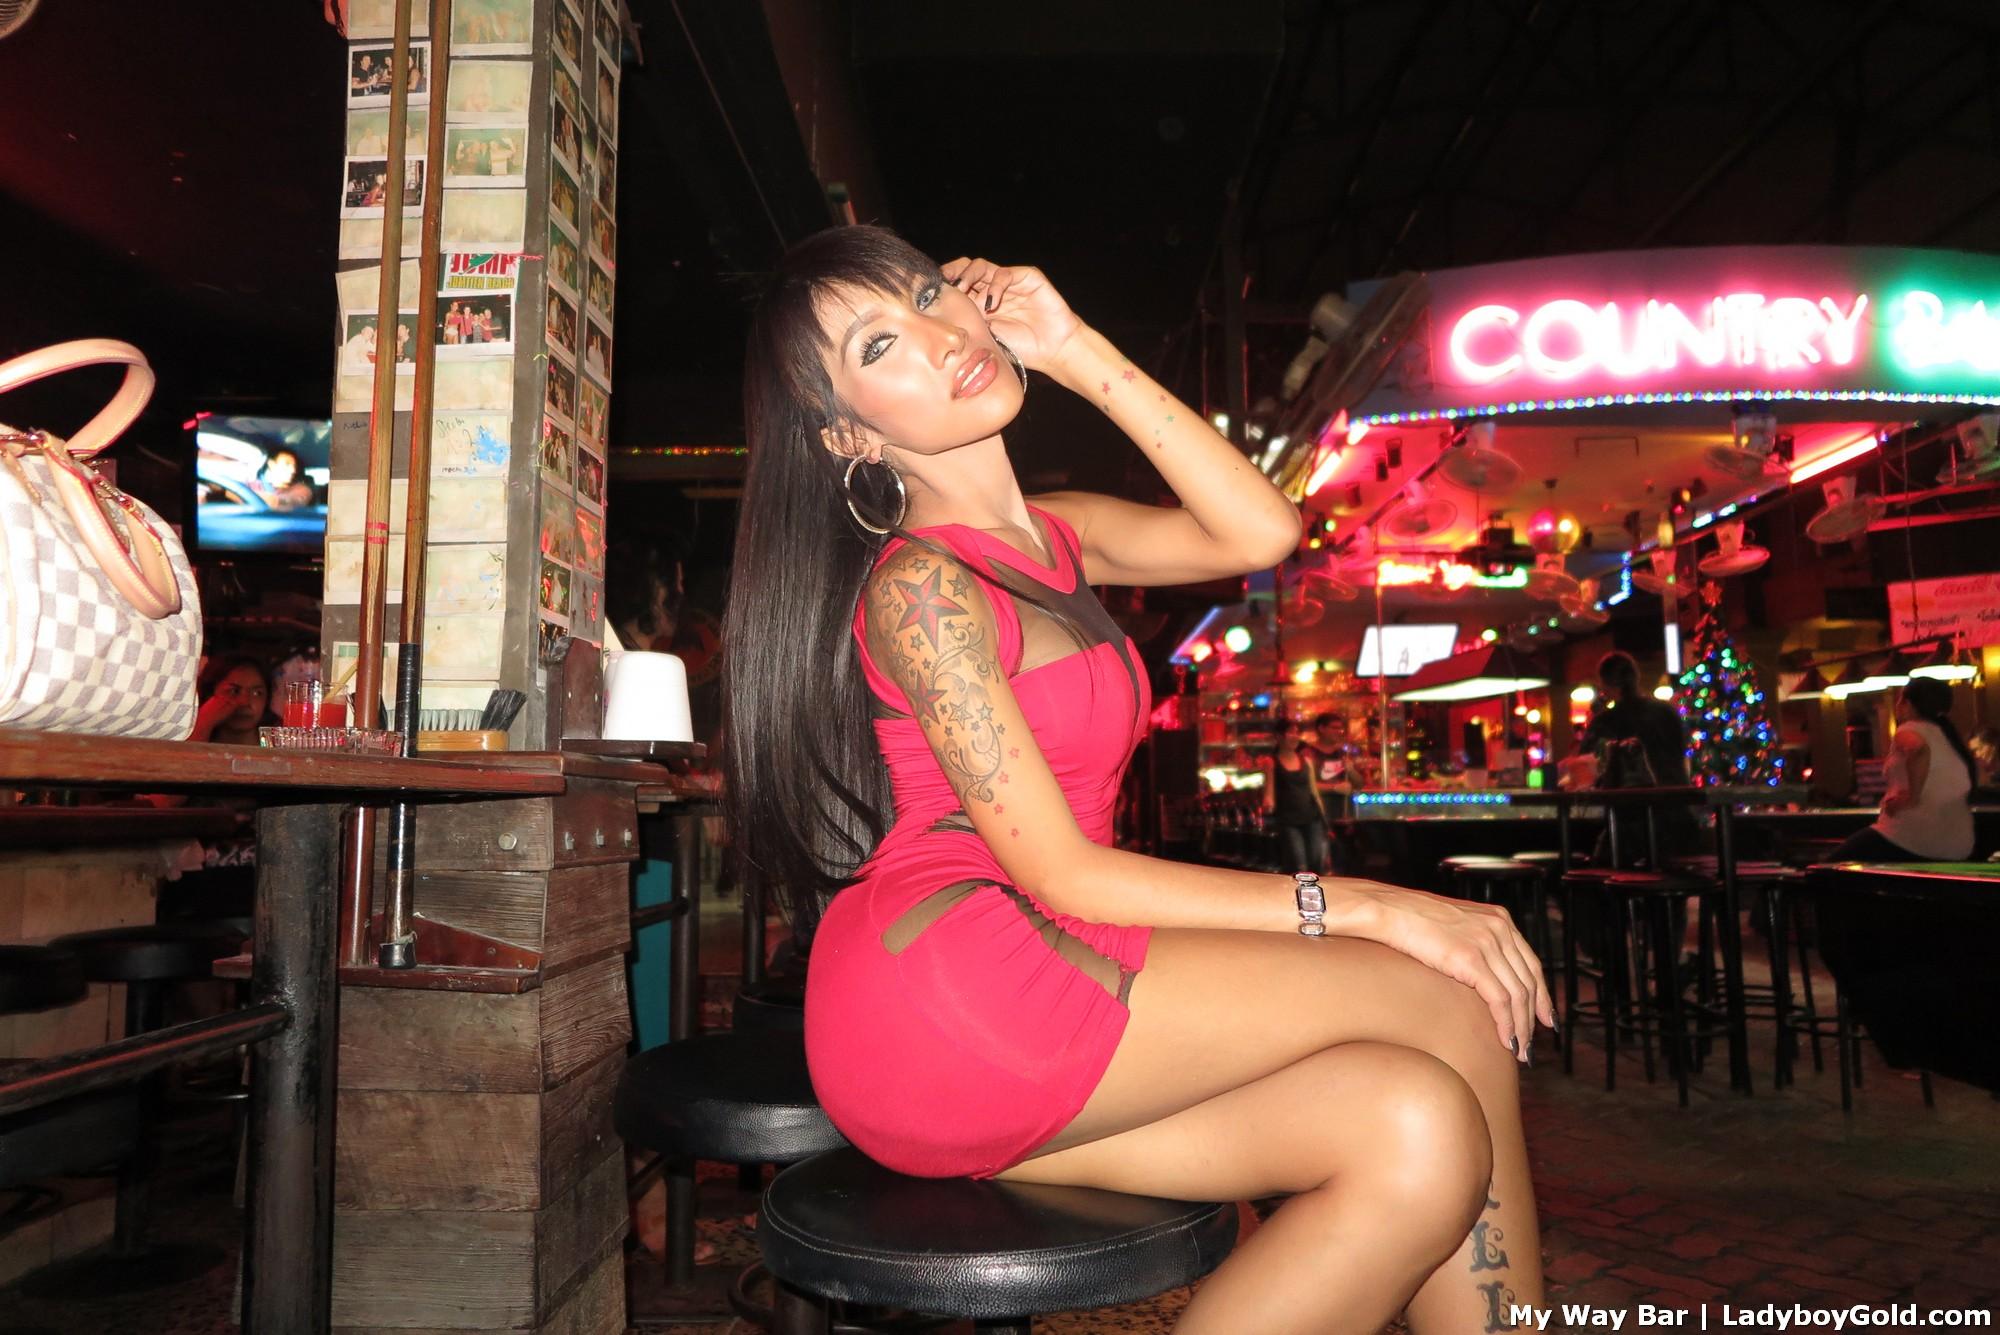 My Way Bar